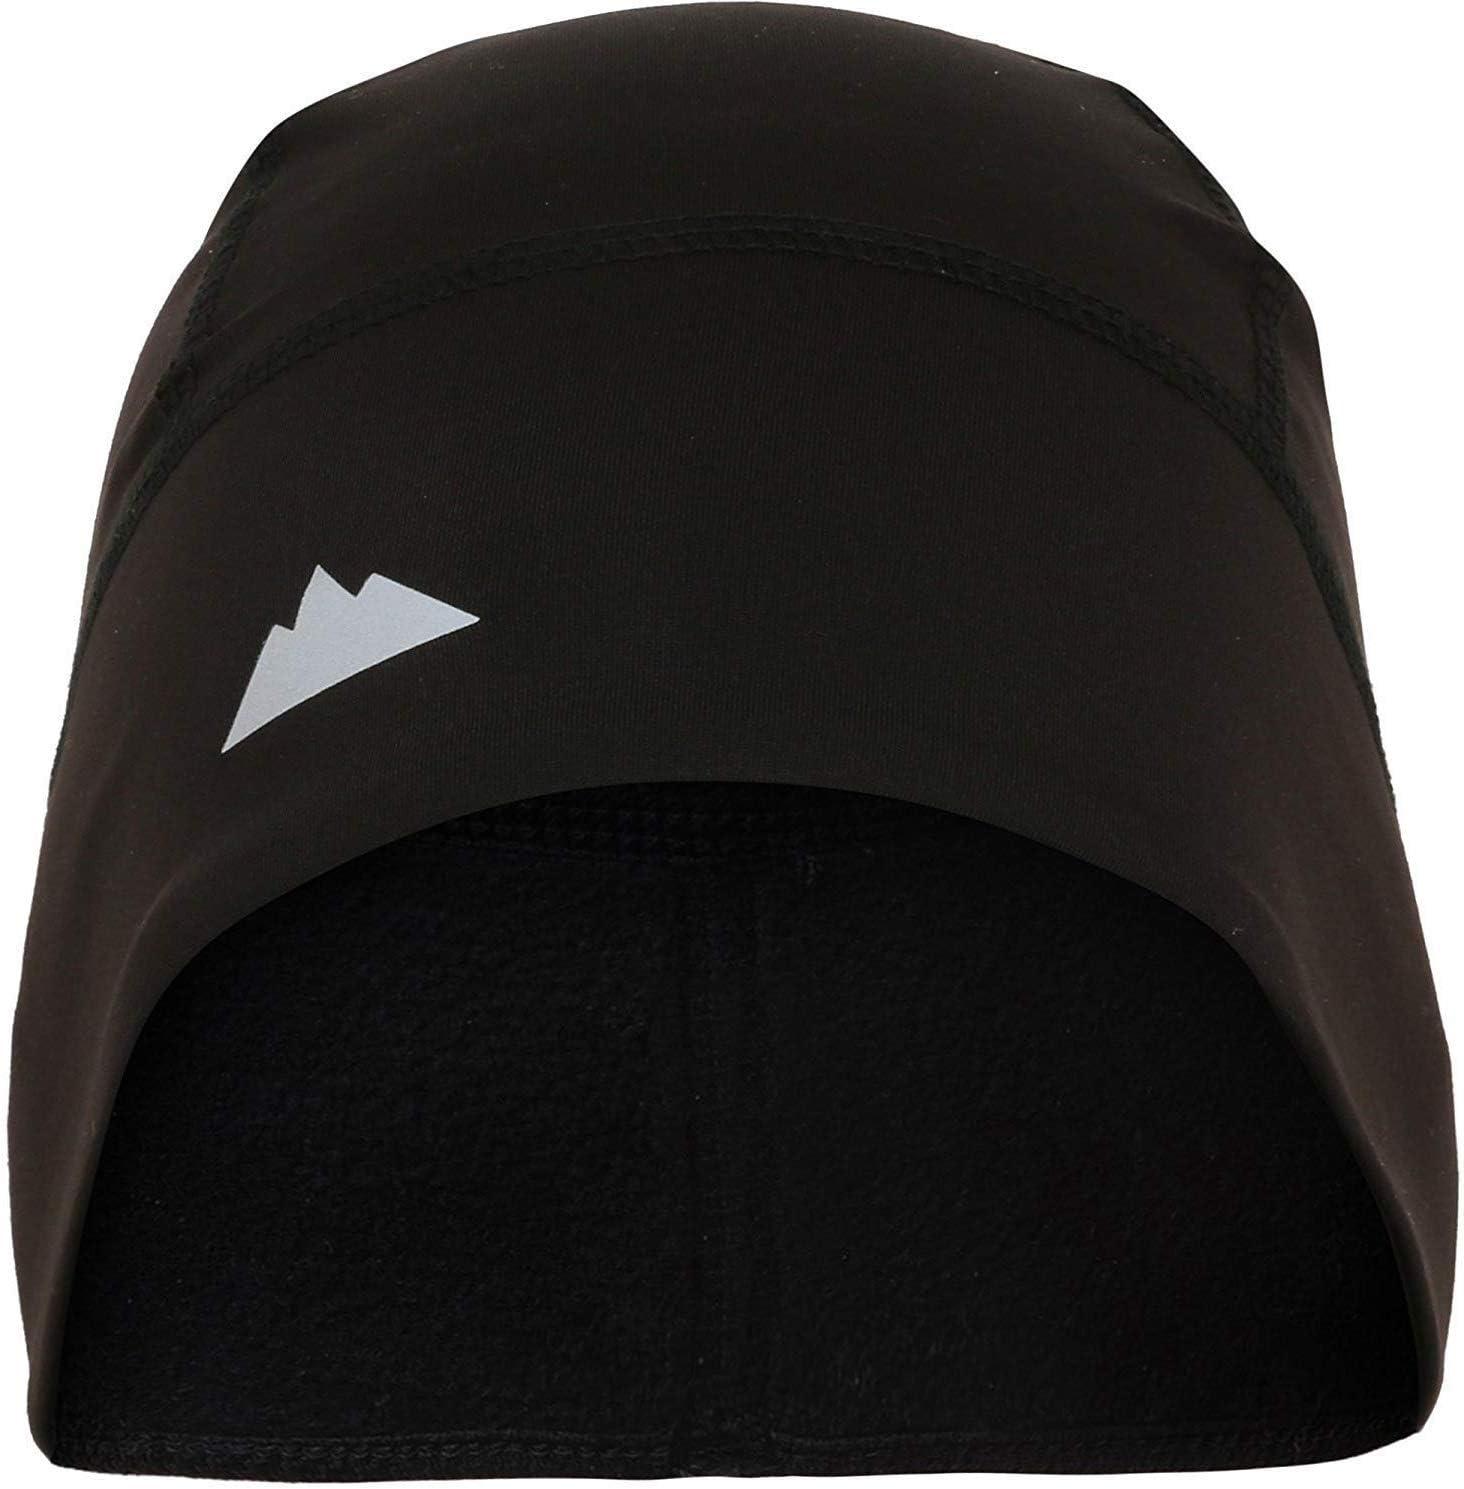 Rigide Headwear Tête de Mort Casquette/Casque Liner/Course Bonnet–Thermique Ultime rétention de la Performance Absorbe la Transpiration. Compatible avec sous Un Casque